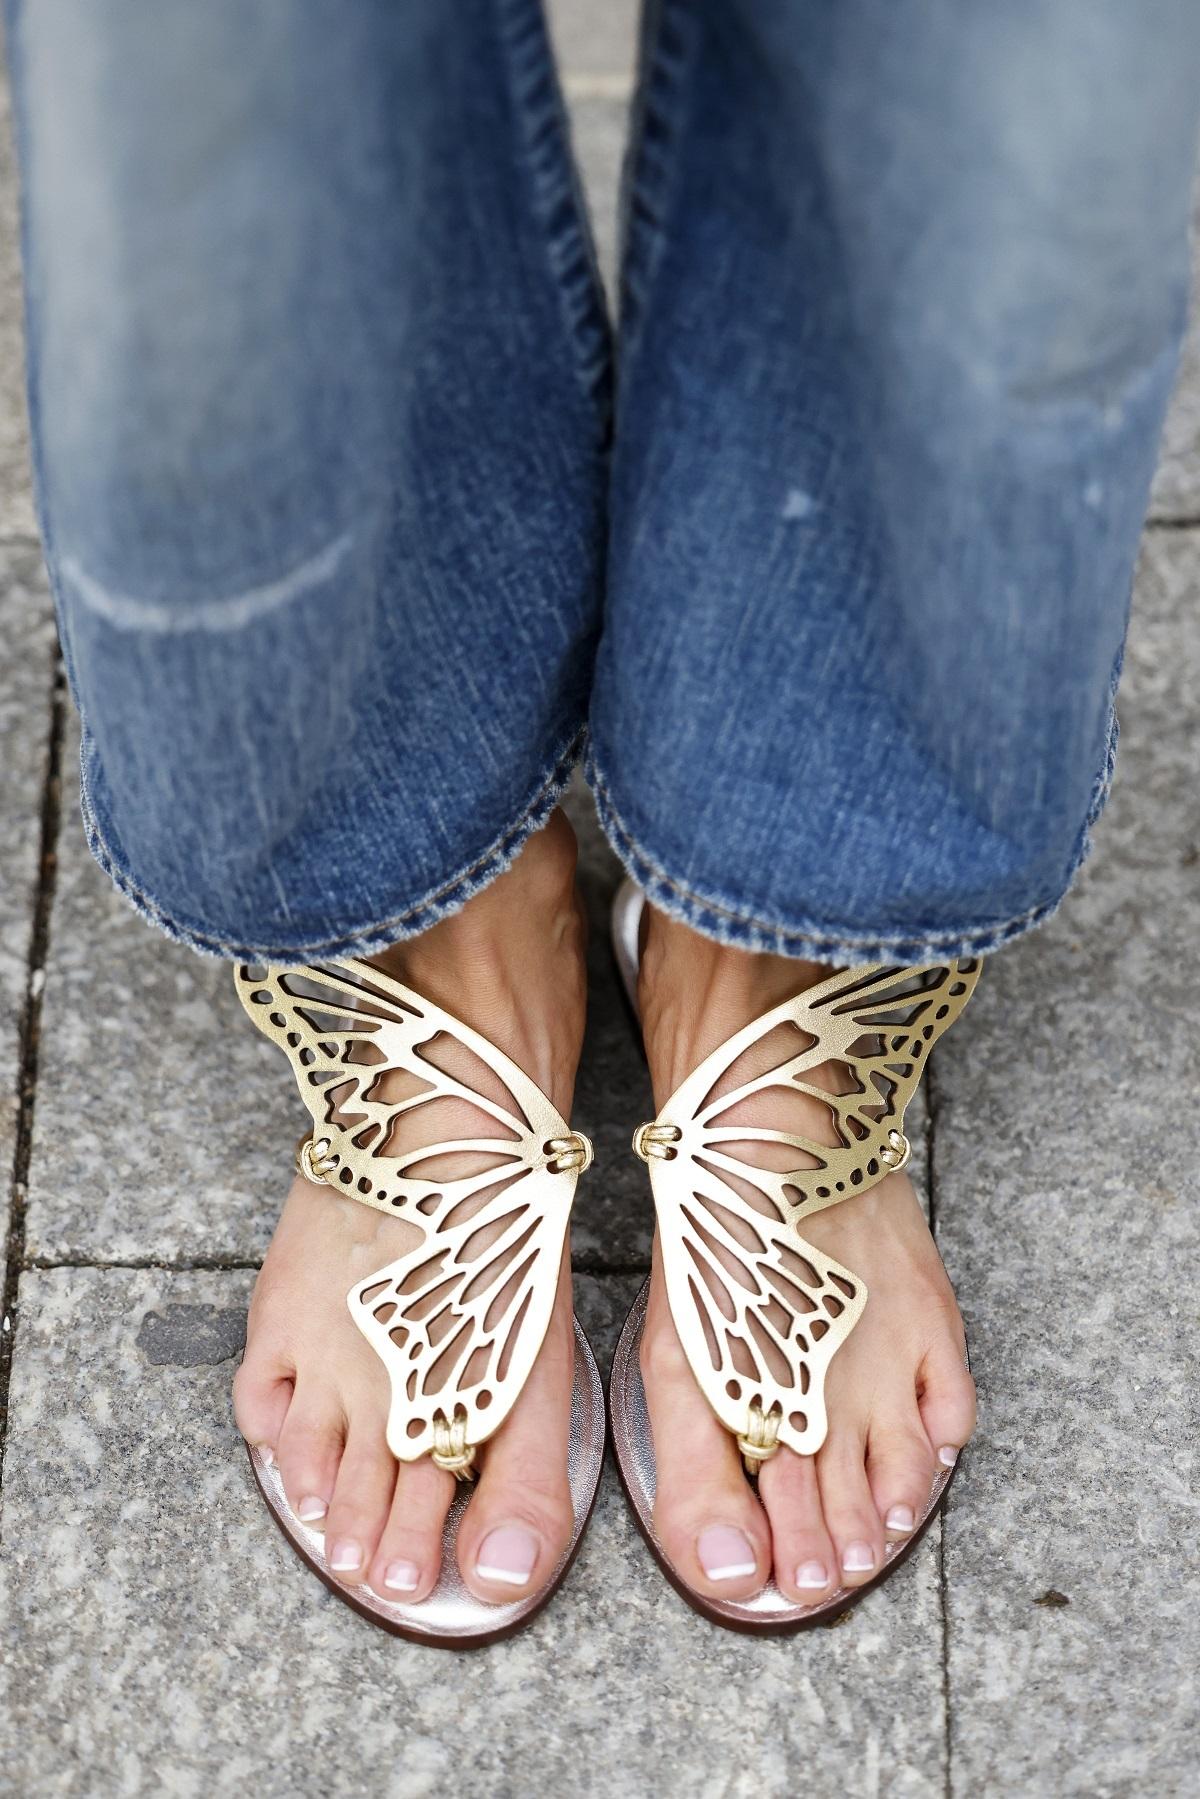 Las sandalias planas son las favoritas de las insiders.